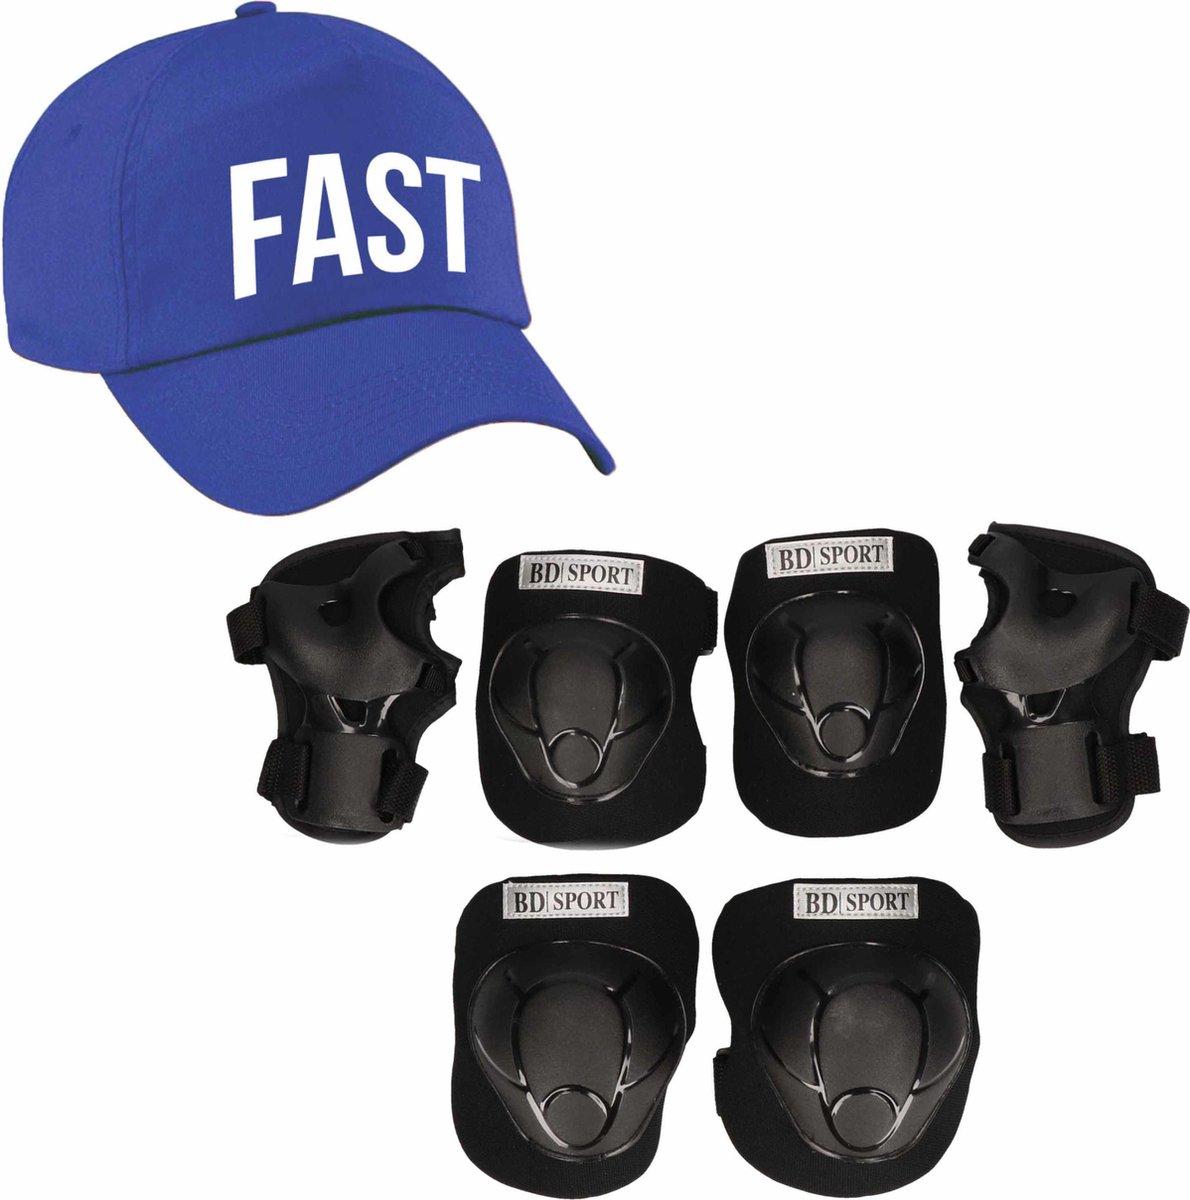 Set van valbescherming voor kinderen maat S / 4 tot 5 jaar met een stoere FAST pet blauw